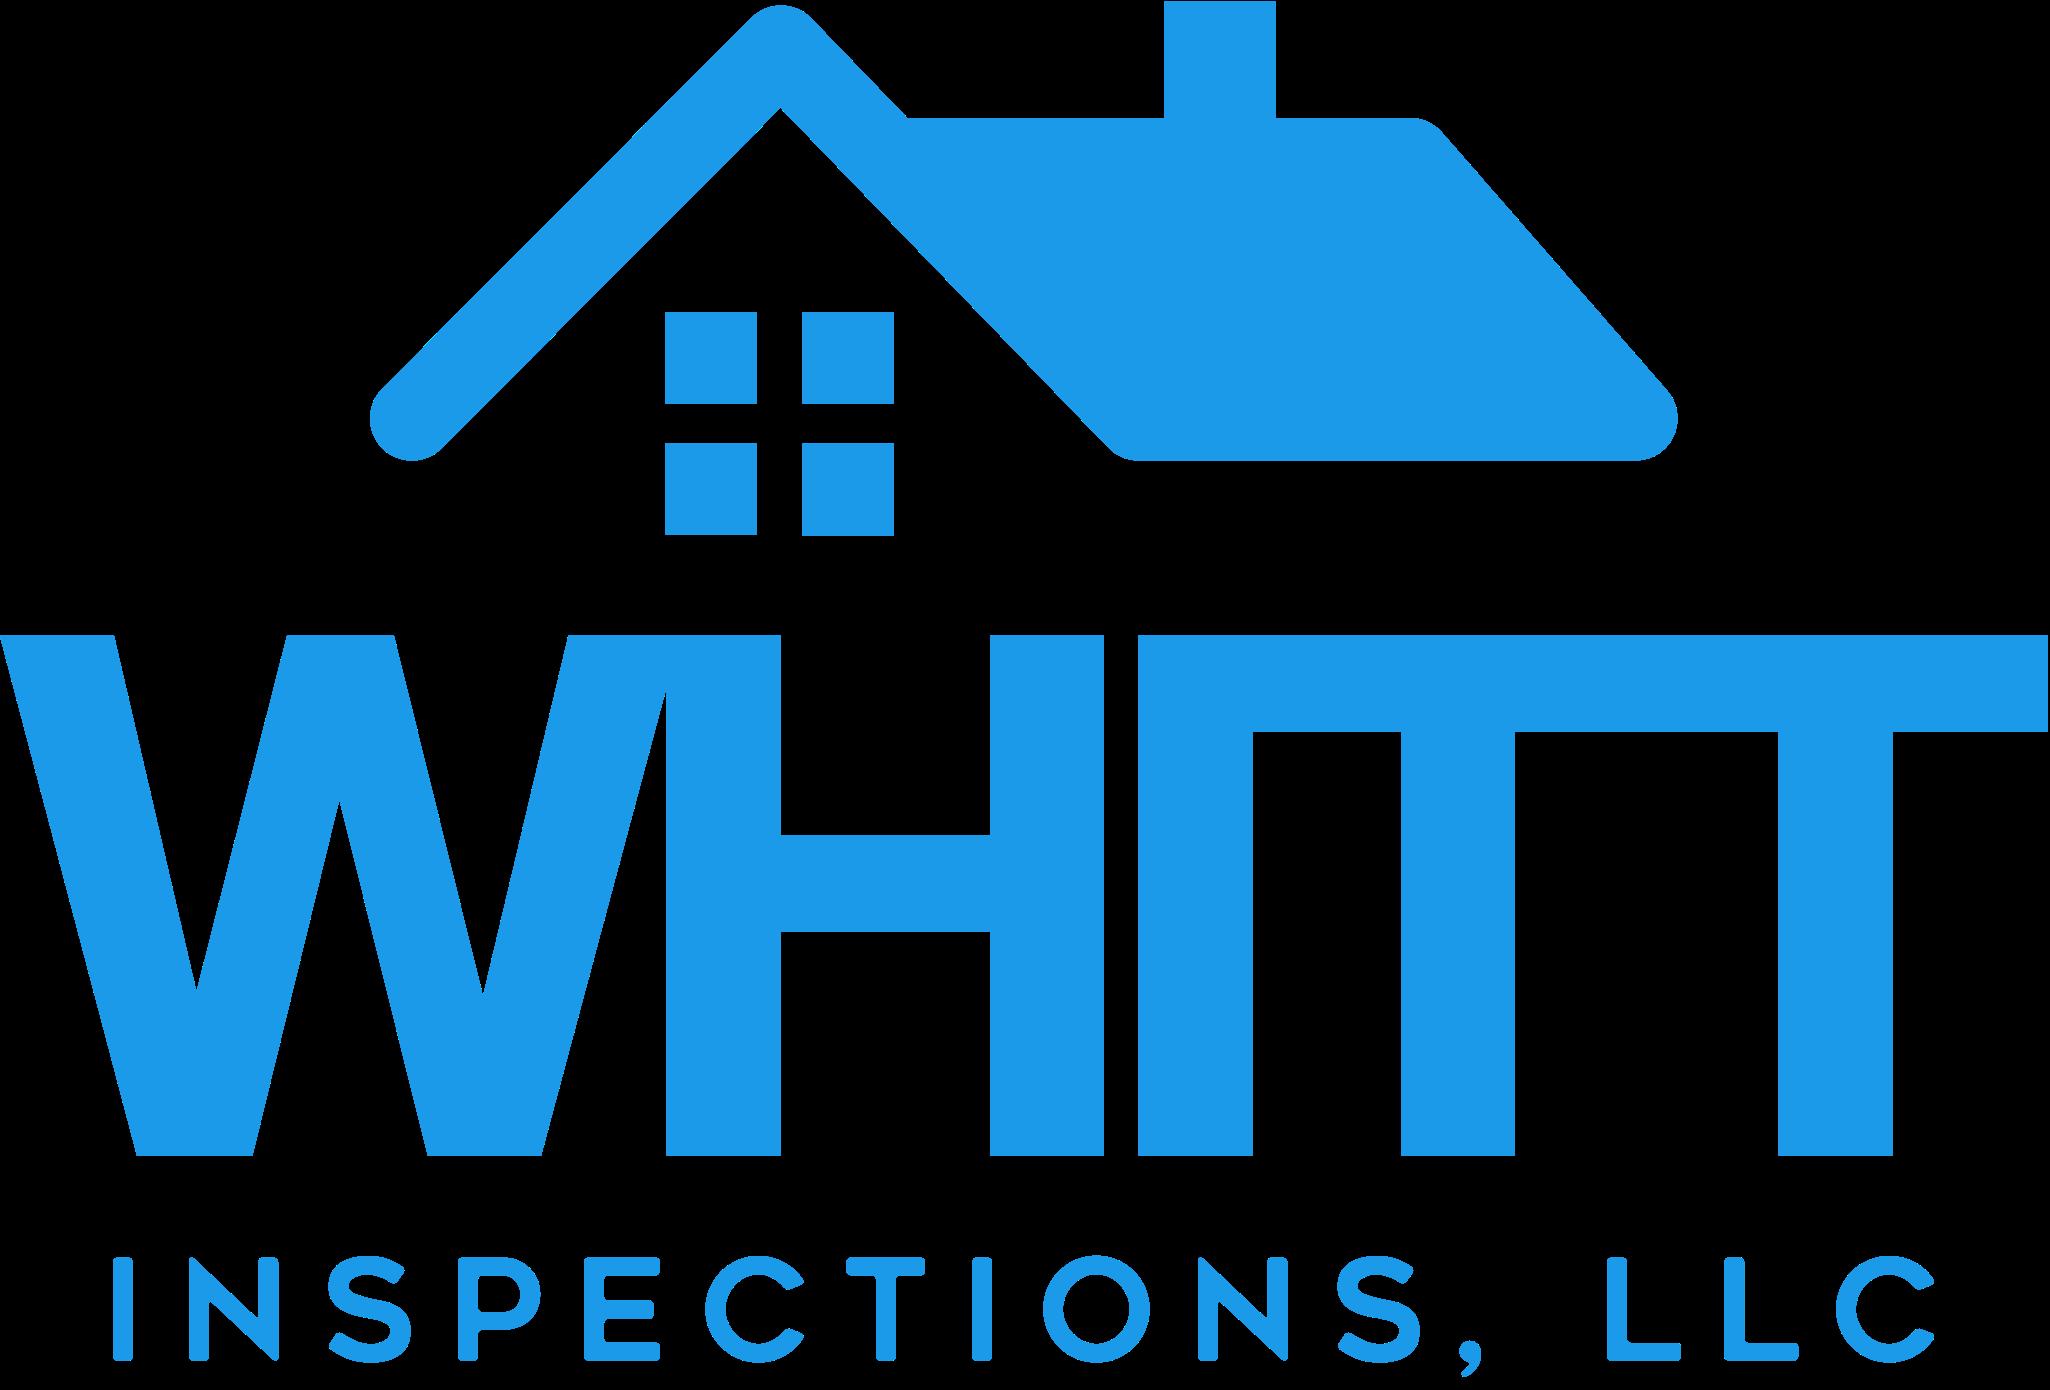 Color logo transparent background